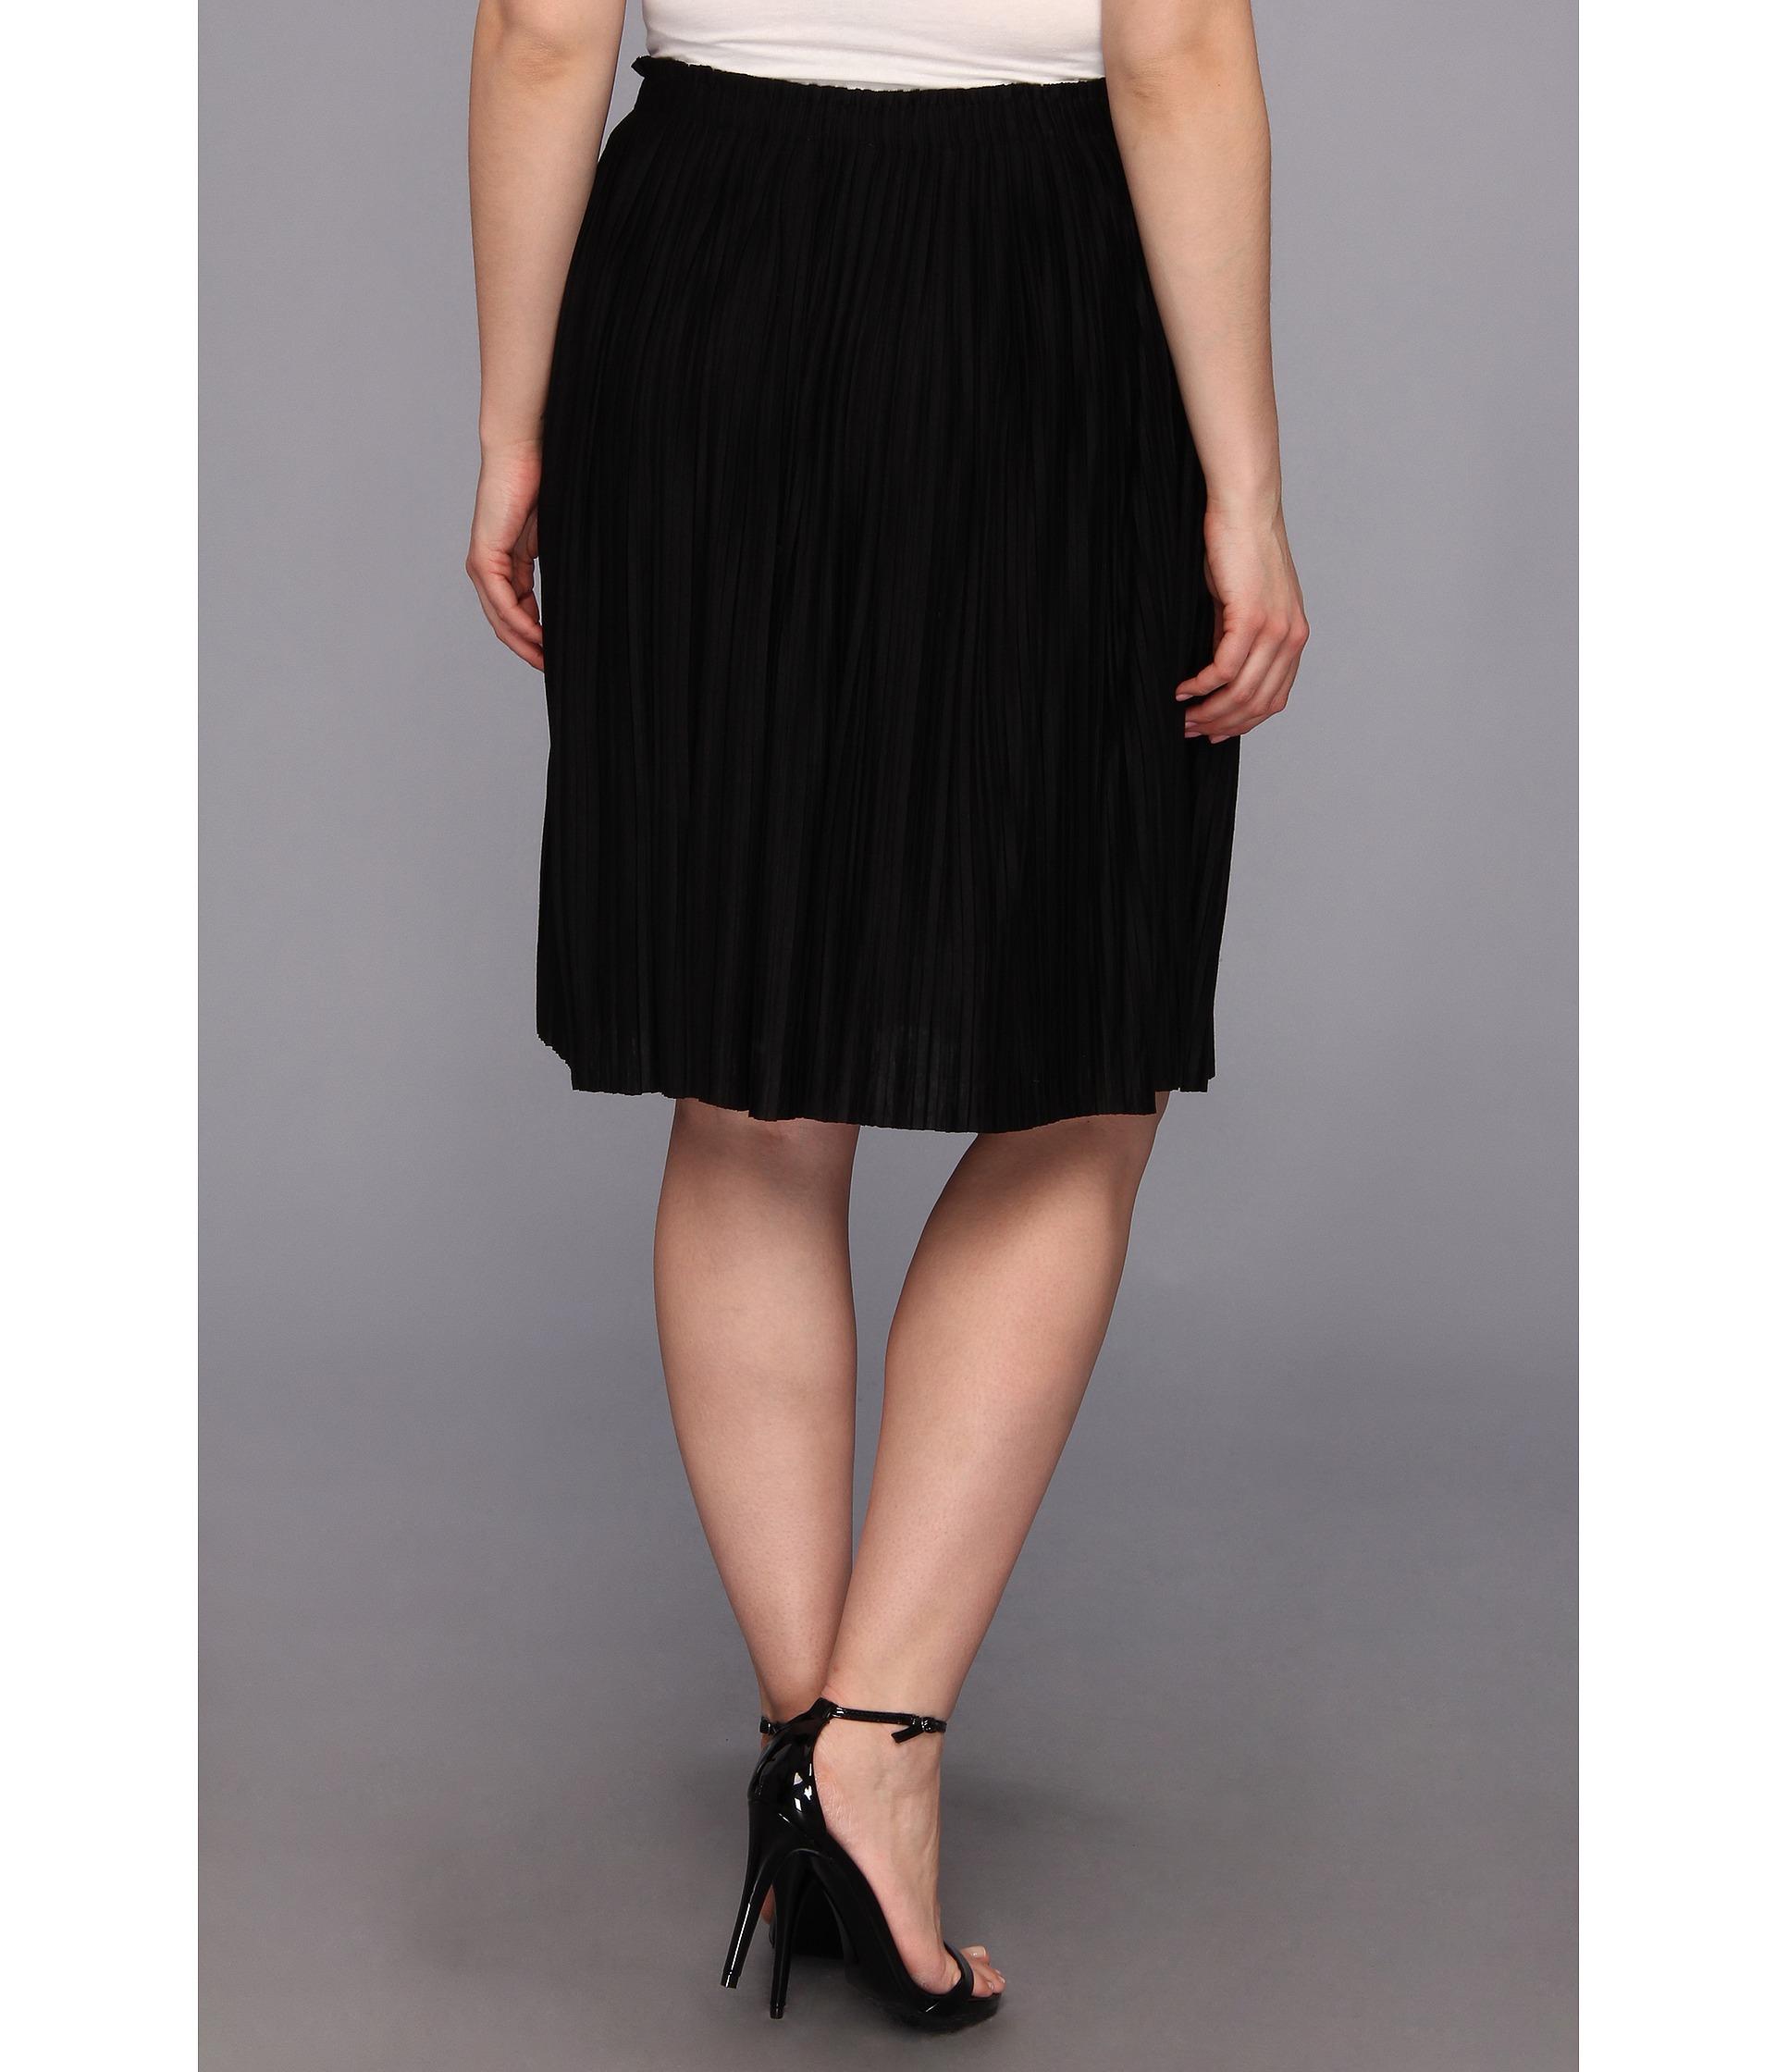 calvin klein plus plus size pleated poly rayon skirt